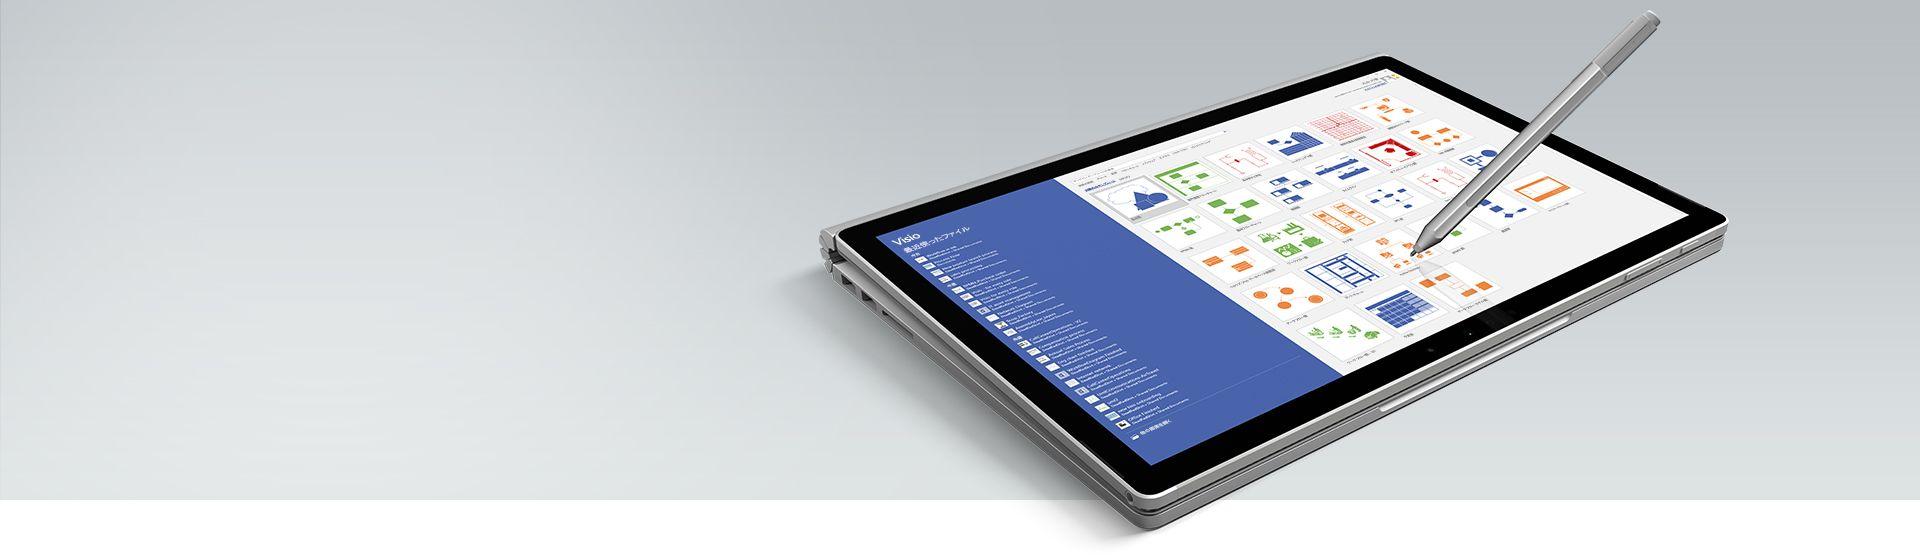 Visio で使用できるテンプレートと最近使用したファイルの一覧が表示されている Microsoft Surface タブレット